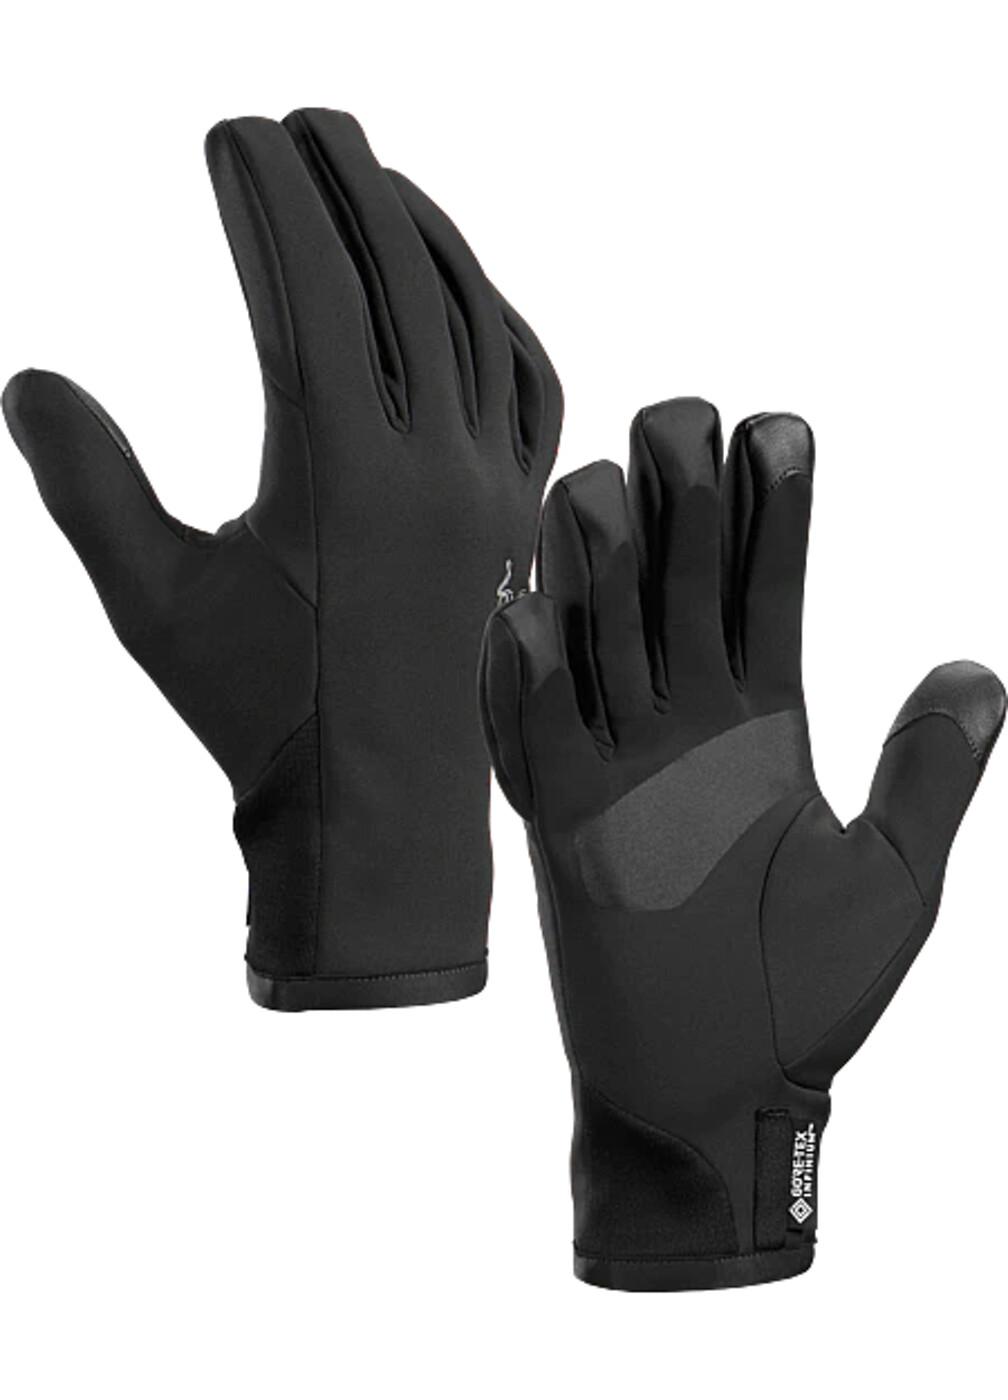 ARCTERYX Venta Glove - Herren